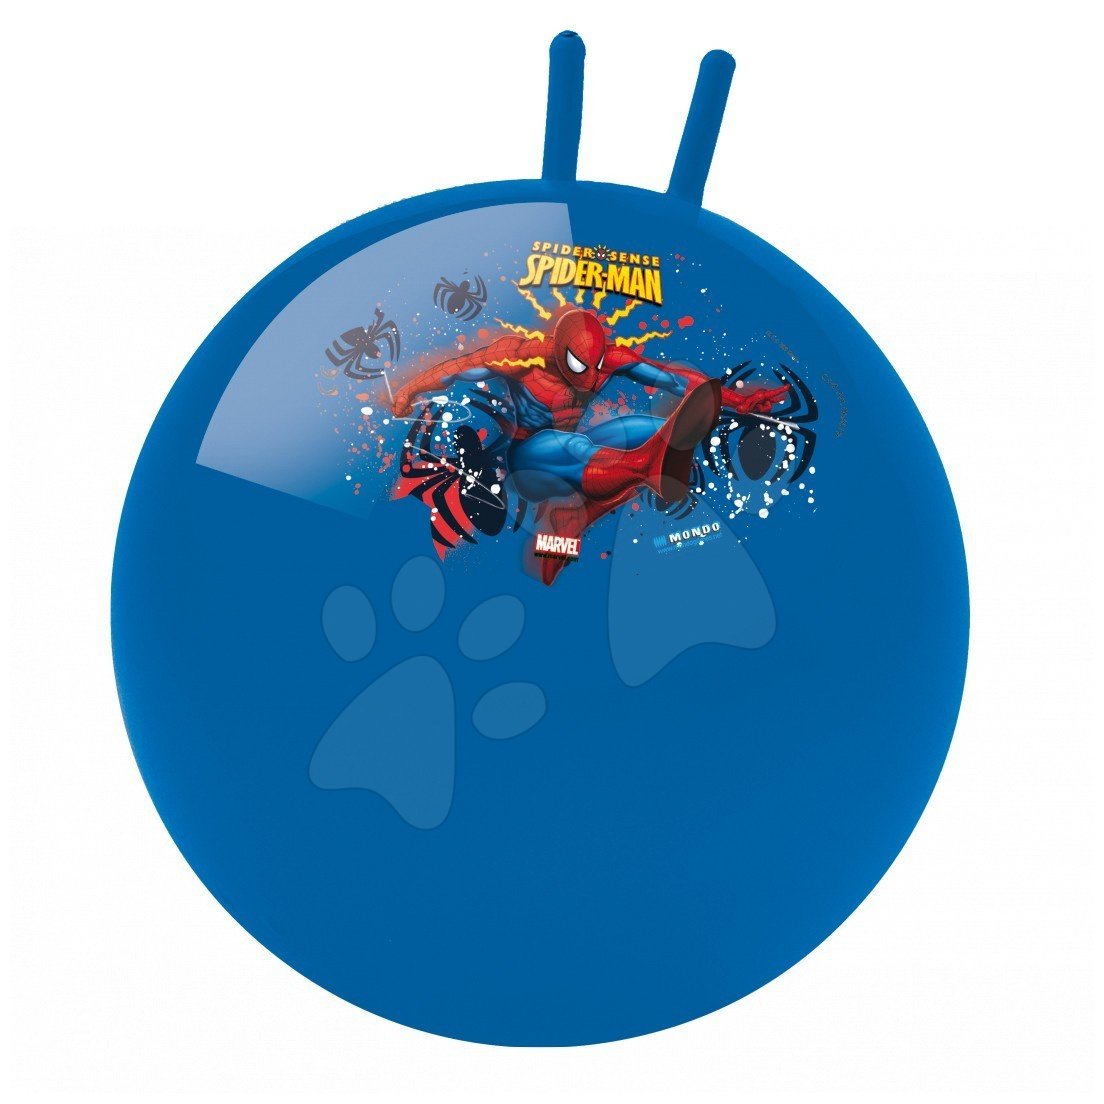 Staré položky - Lopta na skákanie Kangaroo Spiderman Mondo 50 cm